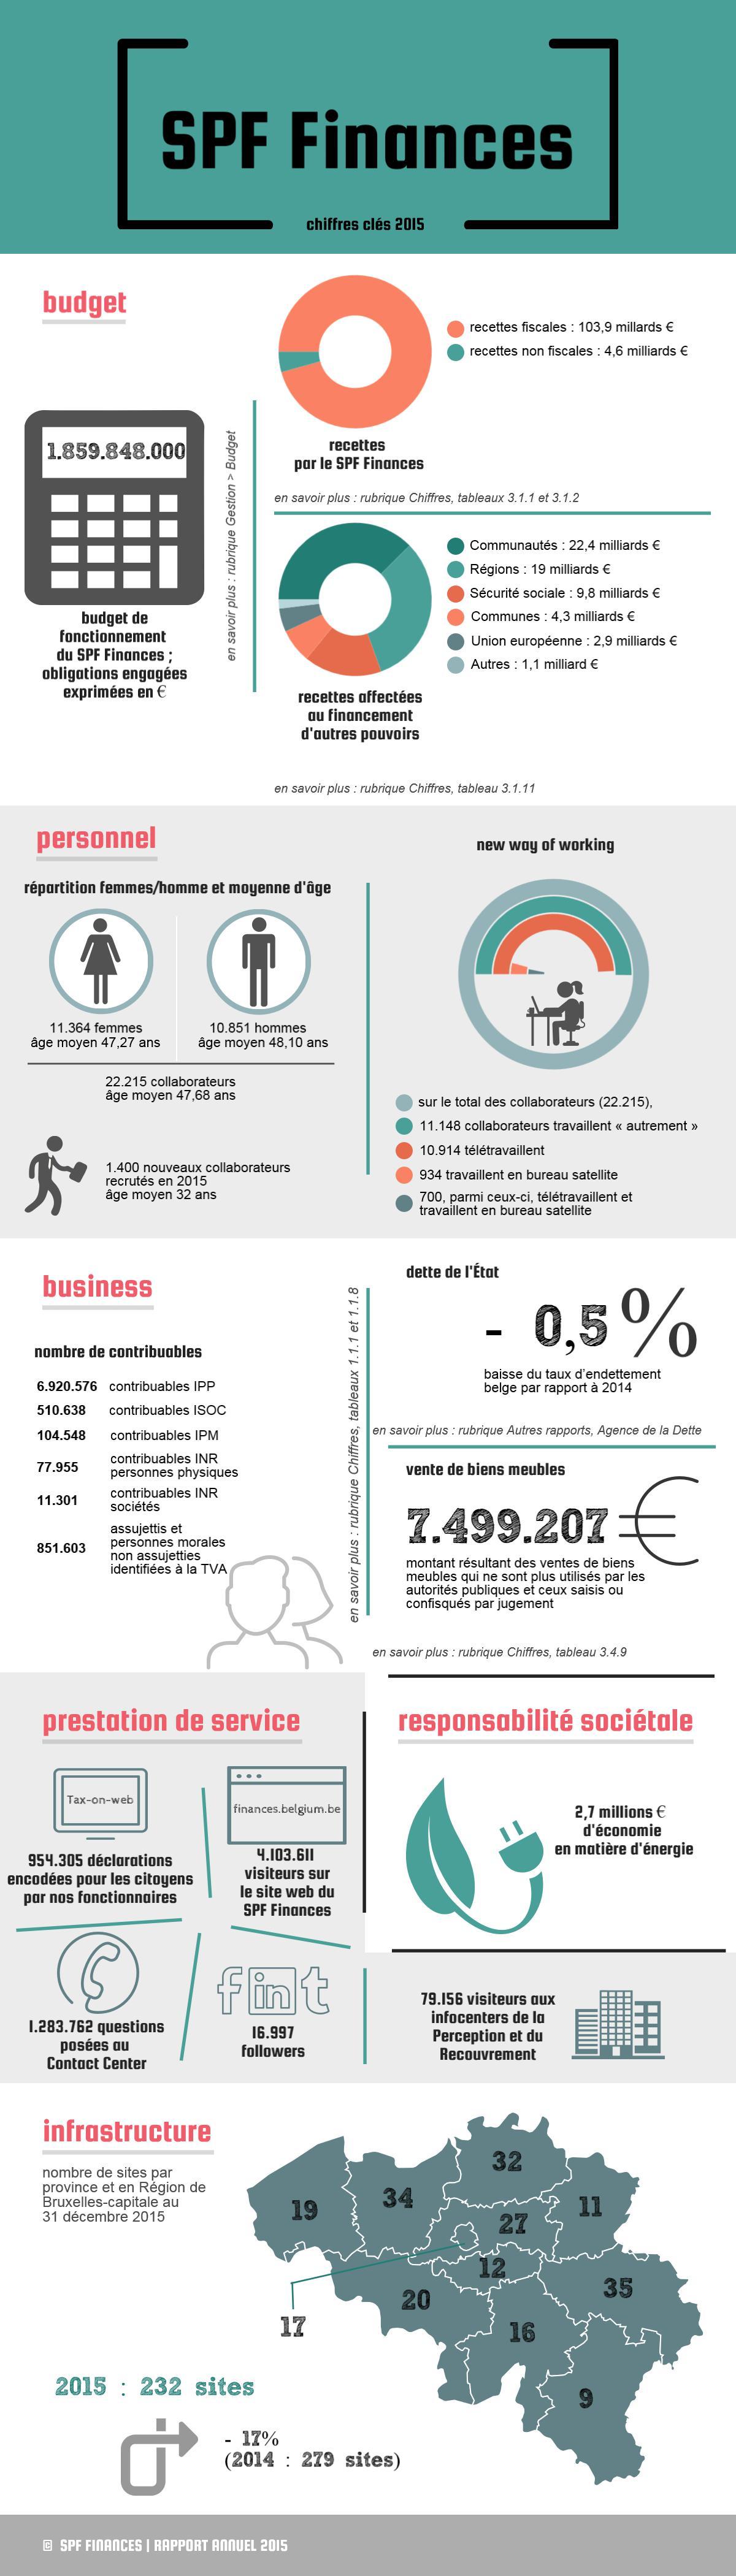 1.859.848.000 € budget fonctionnement | recettes fiscales: 103,9 milliards € / non fiscales : 4,6 milliards € | recettes affectées: Communautés: 22,4 milliards € / Régions: 19 milliards € / Sécurité sociale : 9,8 milliards € | 22.215 collaborateurs âge moyen 47,68 ans | 11.148 collaborateurs travaillent autrement | 8.476.621 contribuables | Dette de l'Etat: -0,5% | Vente de biens meubles: 7.499.207  € | 954.305 déclarations remplies par des fonctionnaires / 2,7 millions € économie énergie | 232 sites 2015